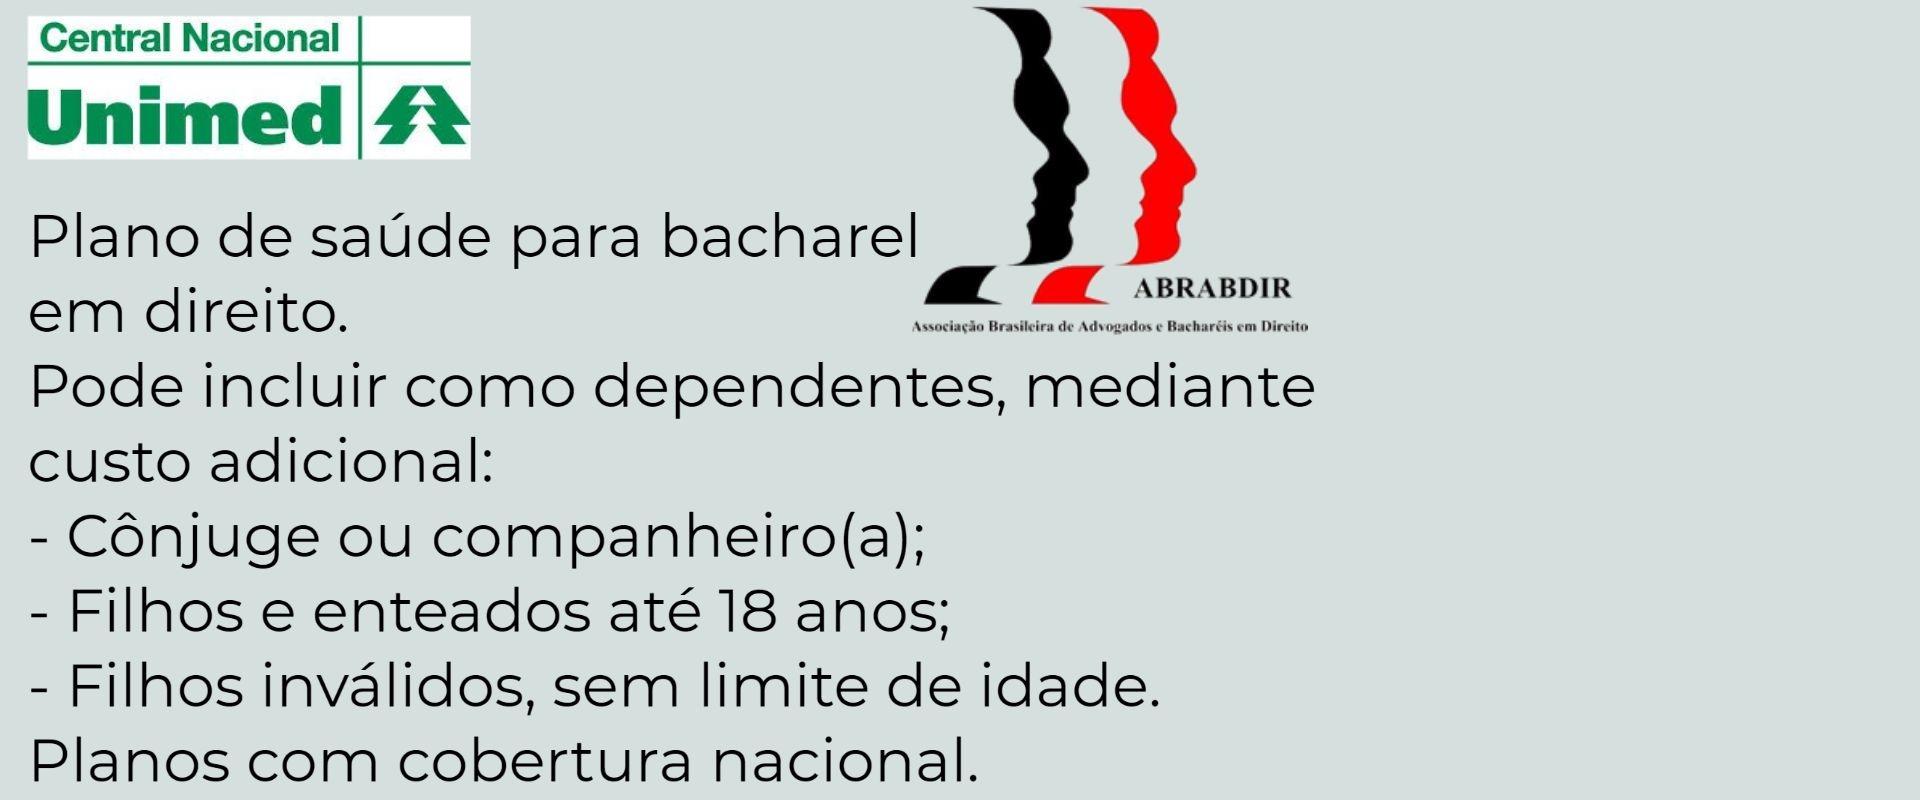 Unimed ABRABDIR Poá